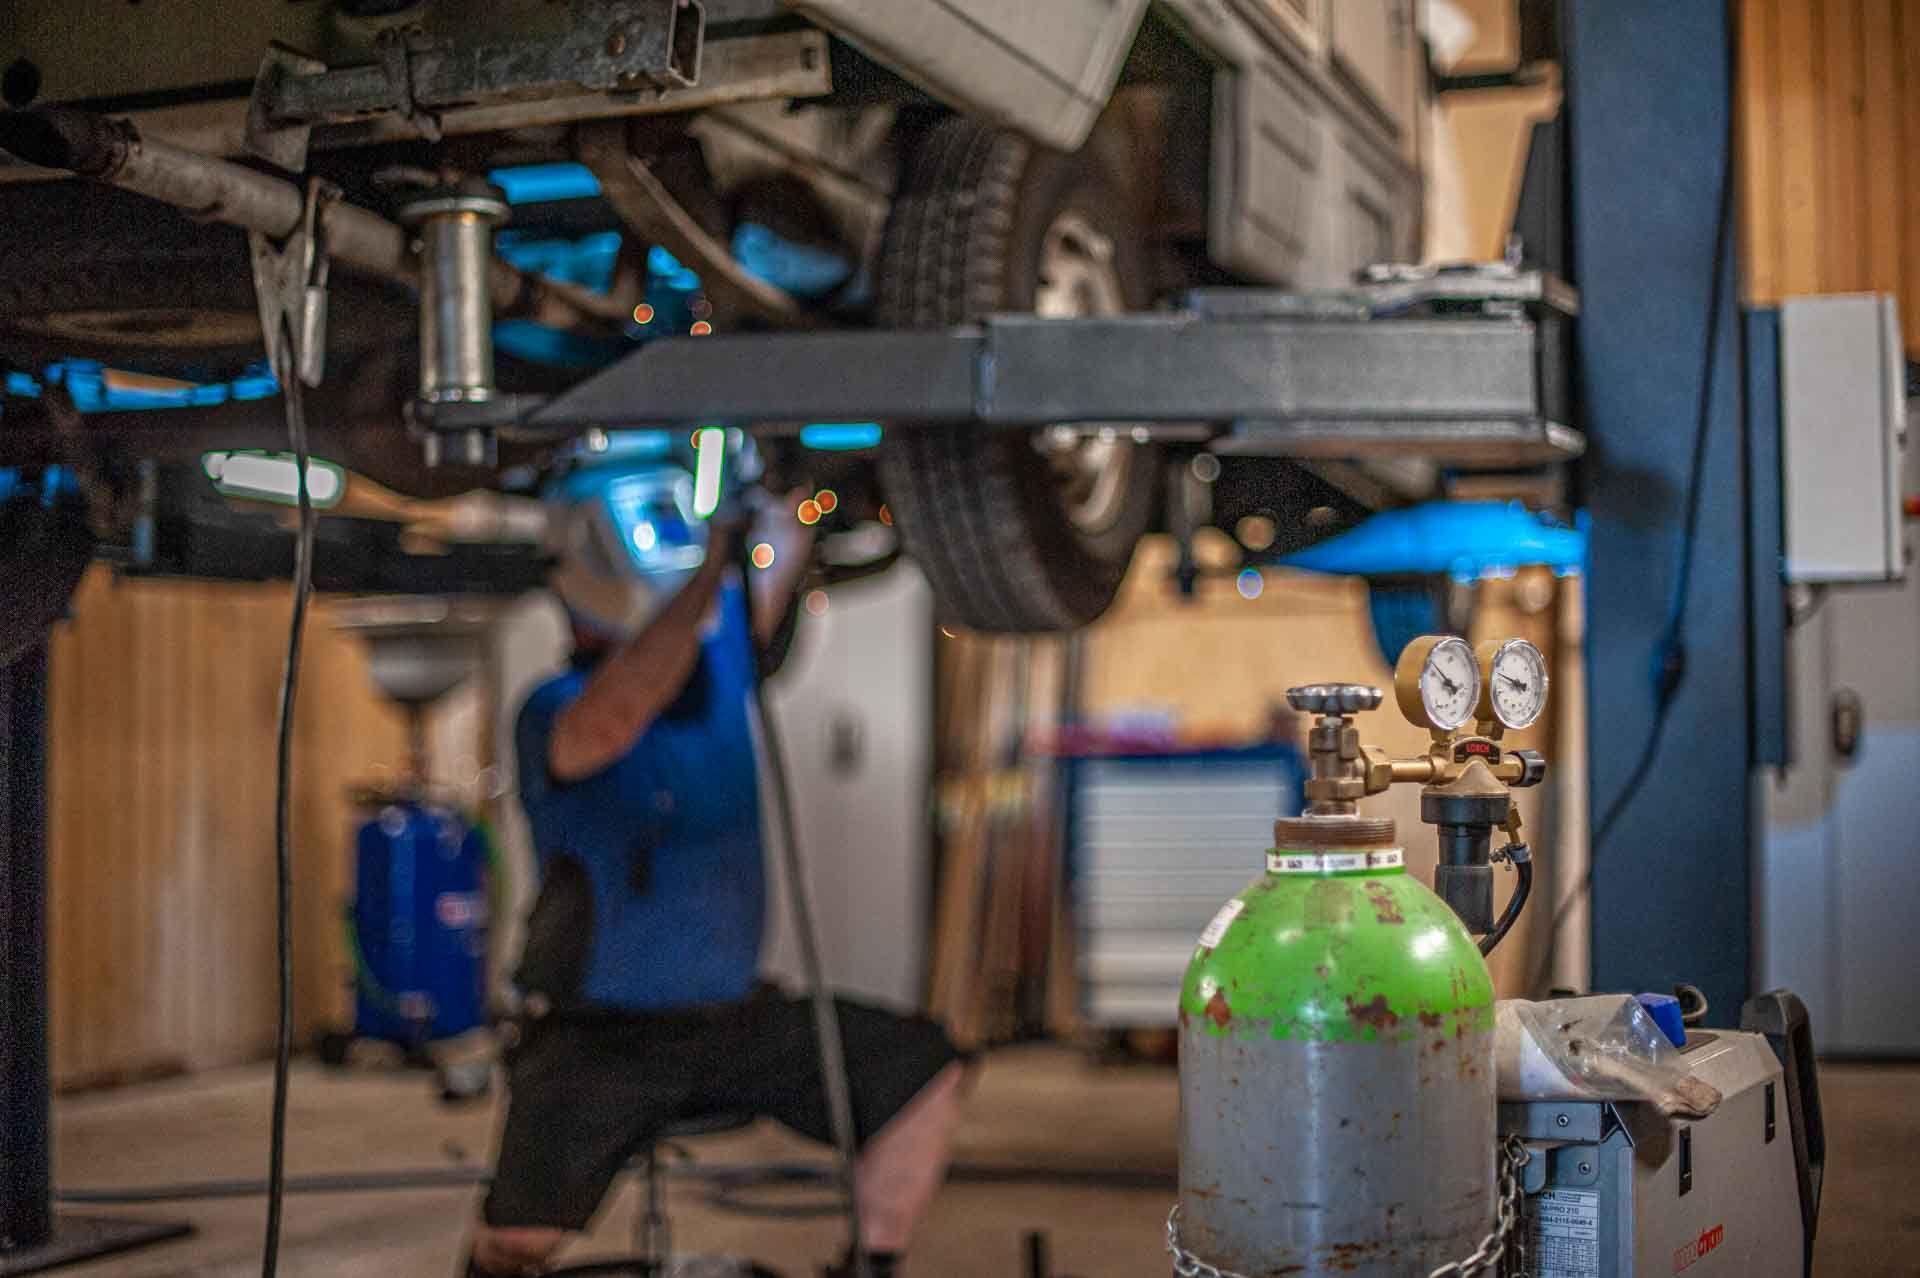 Caravan Reparatur unter Hebebühne mit Schutzgas Schweißen - Caravan Service Stehmeier - Caravan Service Stehmeier